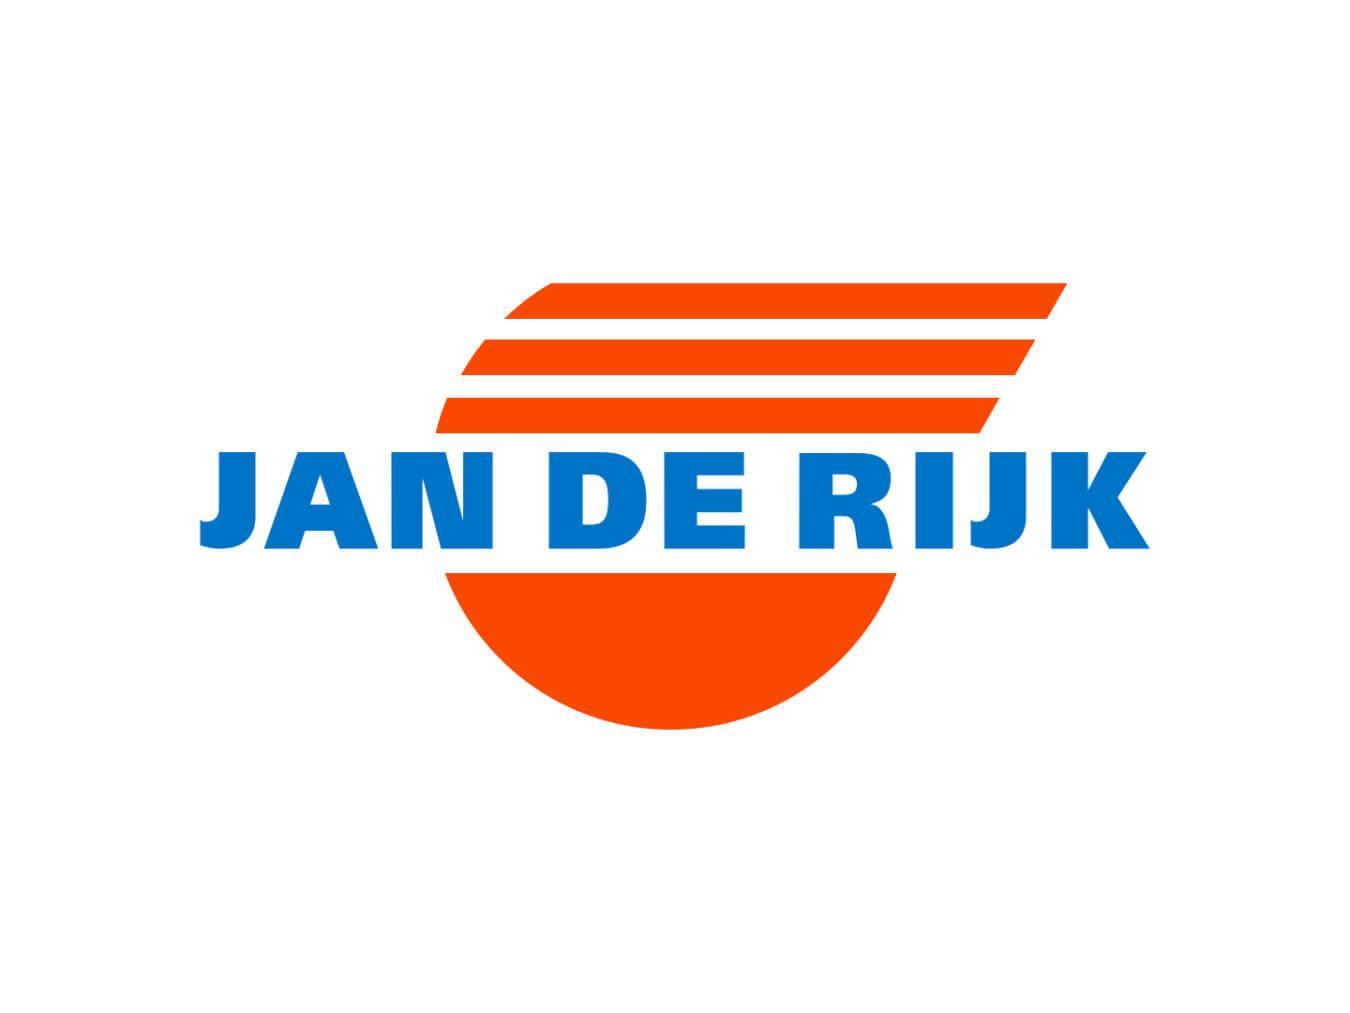 Jan de Rijk